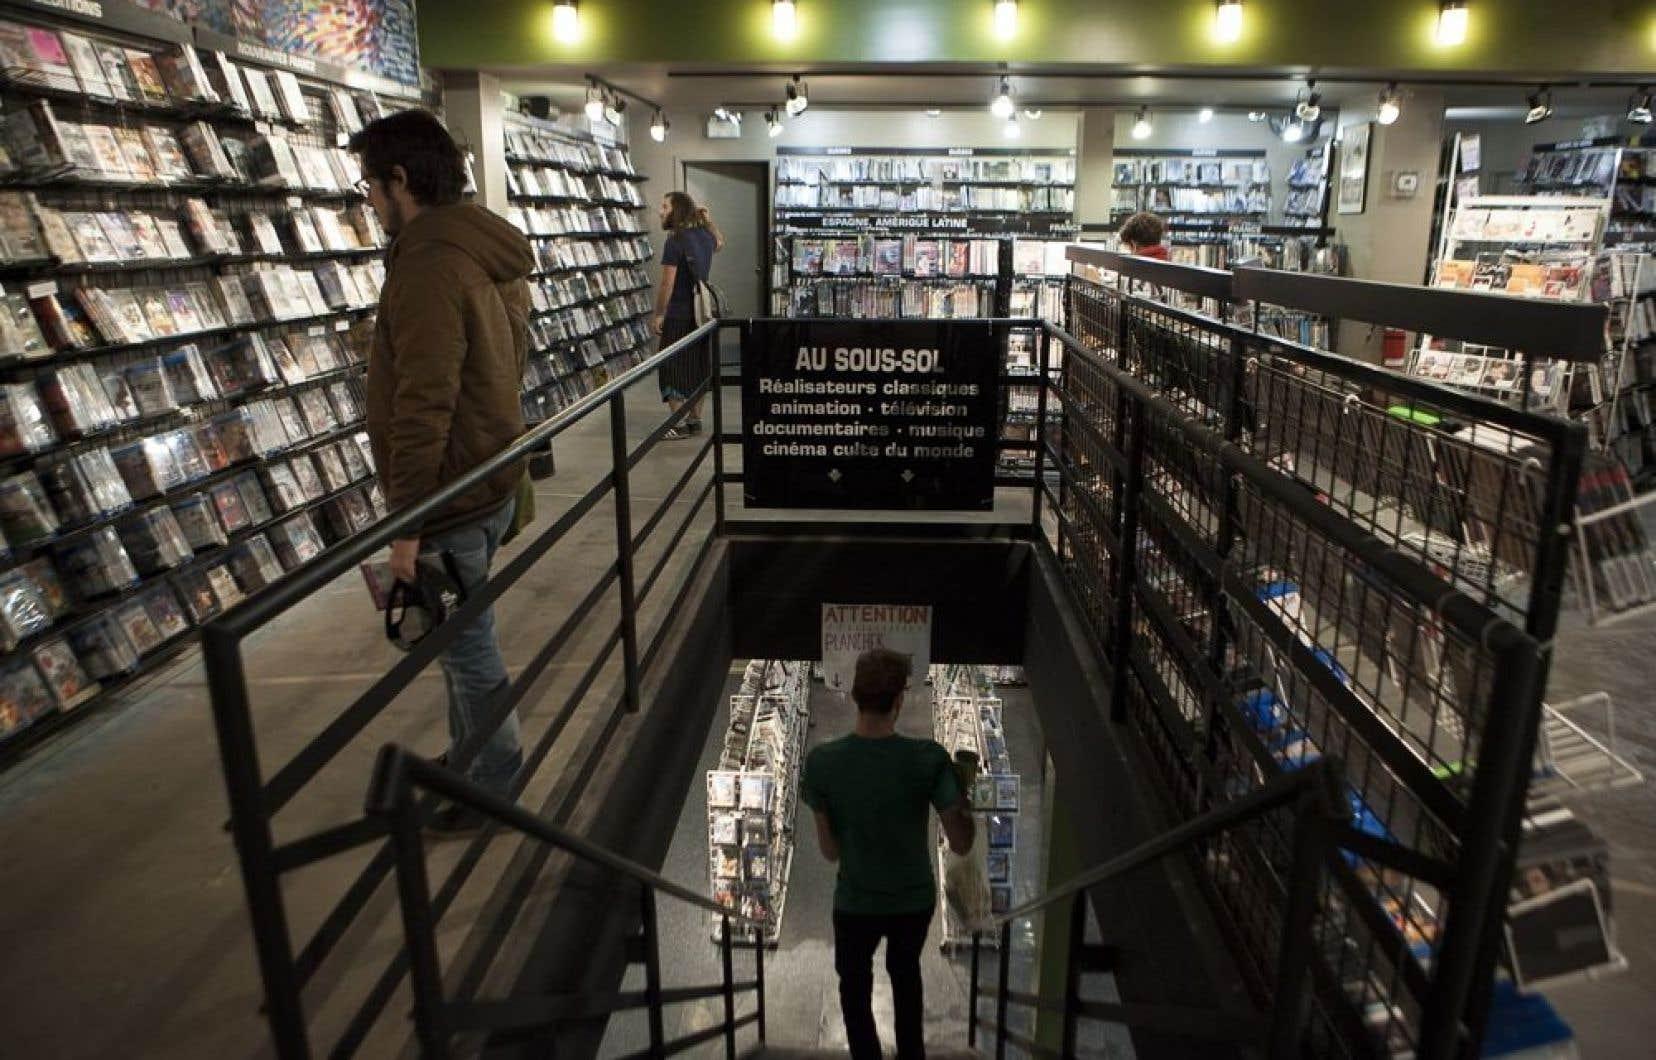 Le club vidéo la Boîte noire, un fleuron de la diffusion du cinéma d'auteur à Montréal.